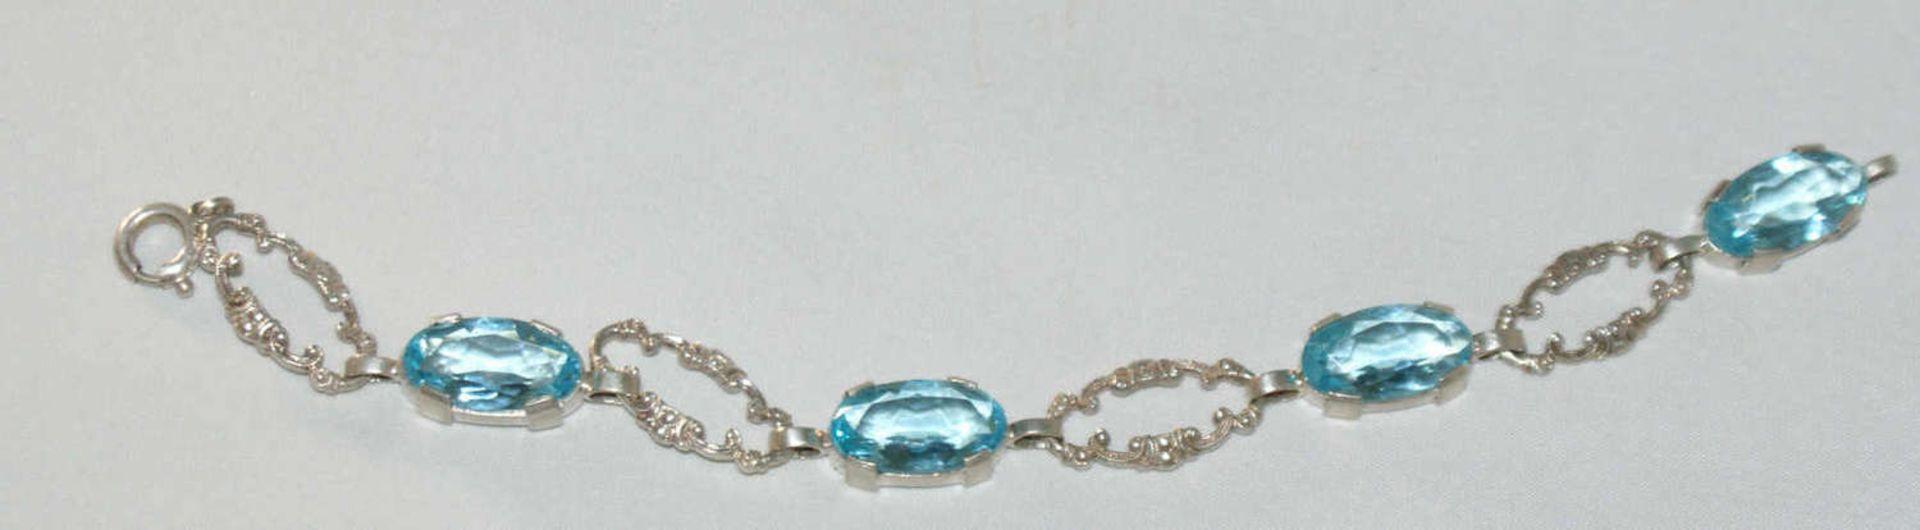 Armband, Silber, besetzt mit Aquamarinen, diese geprüft. Armband im Jugendstil. Länge ca. 18 cm